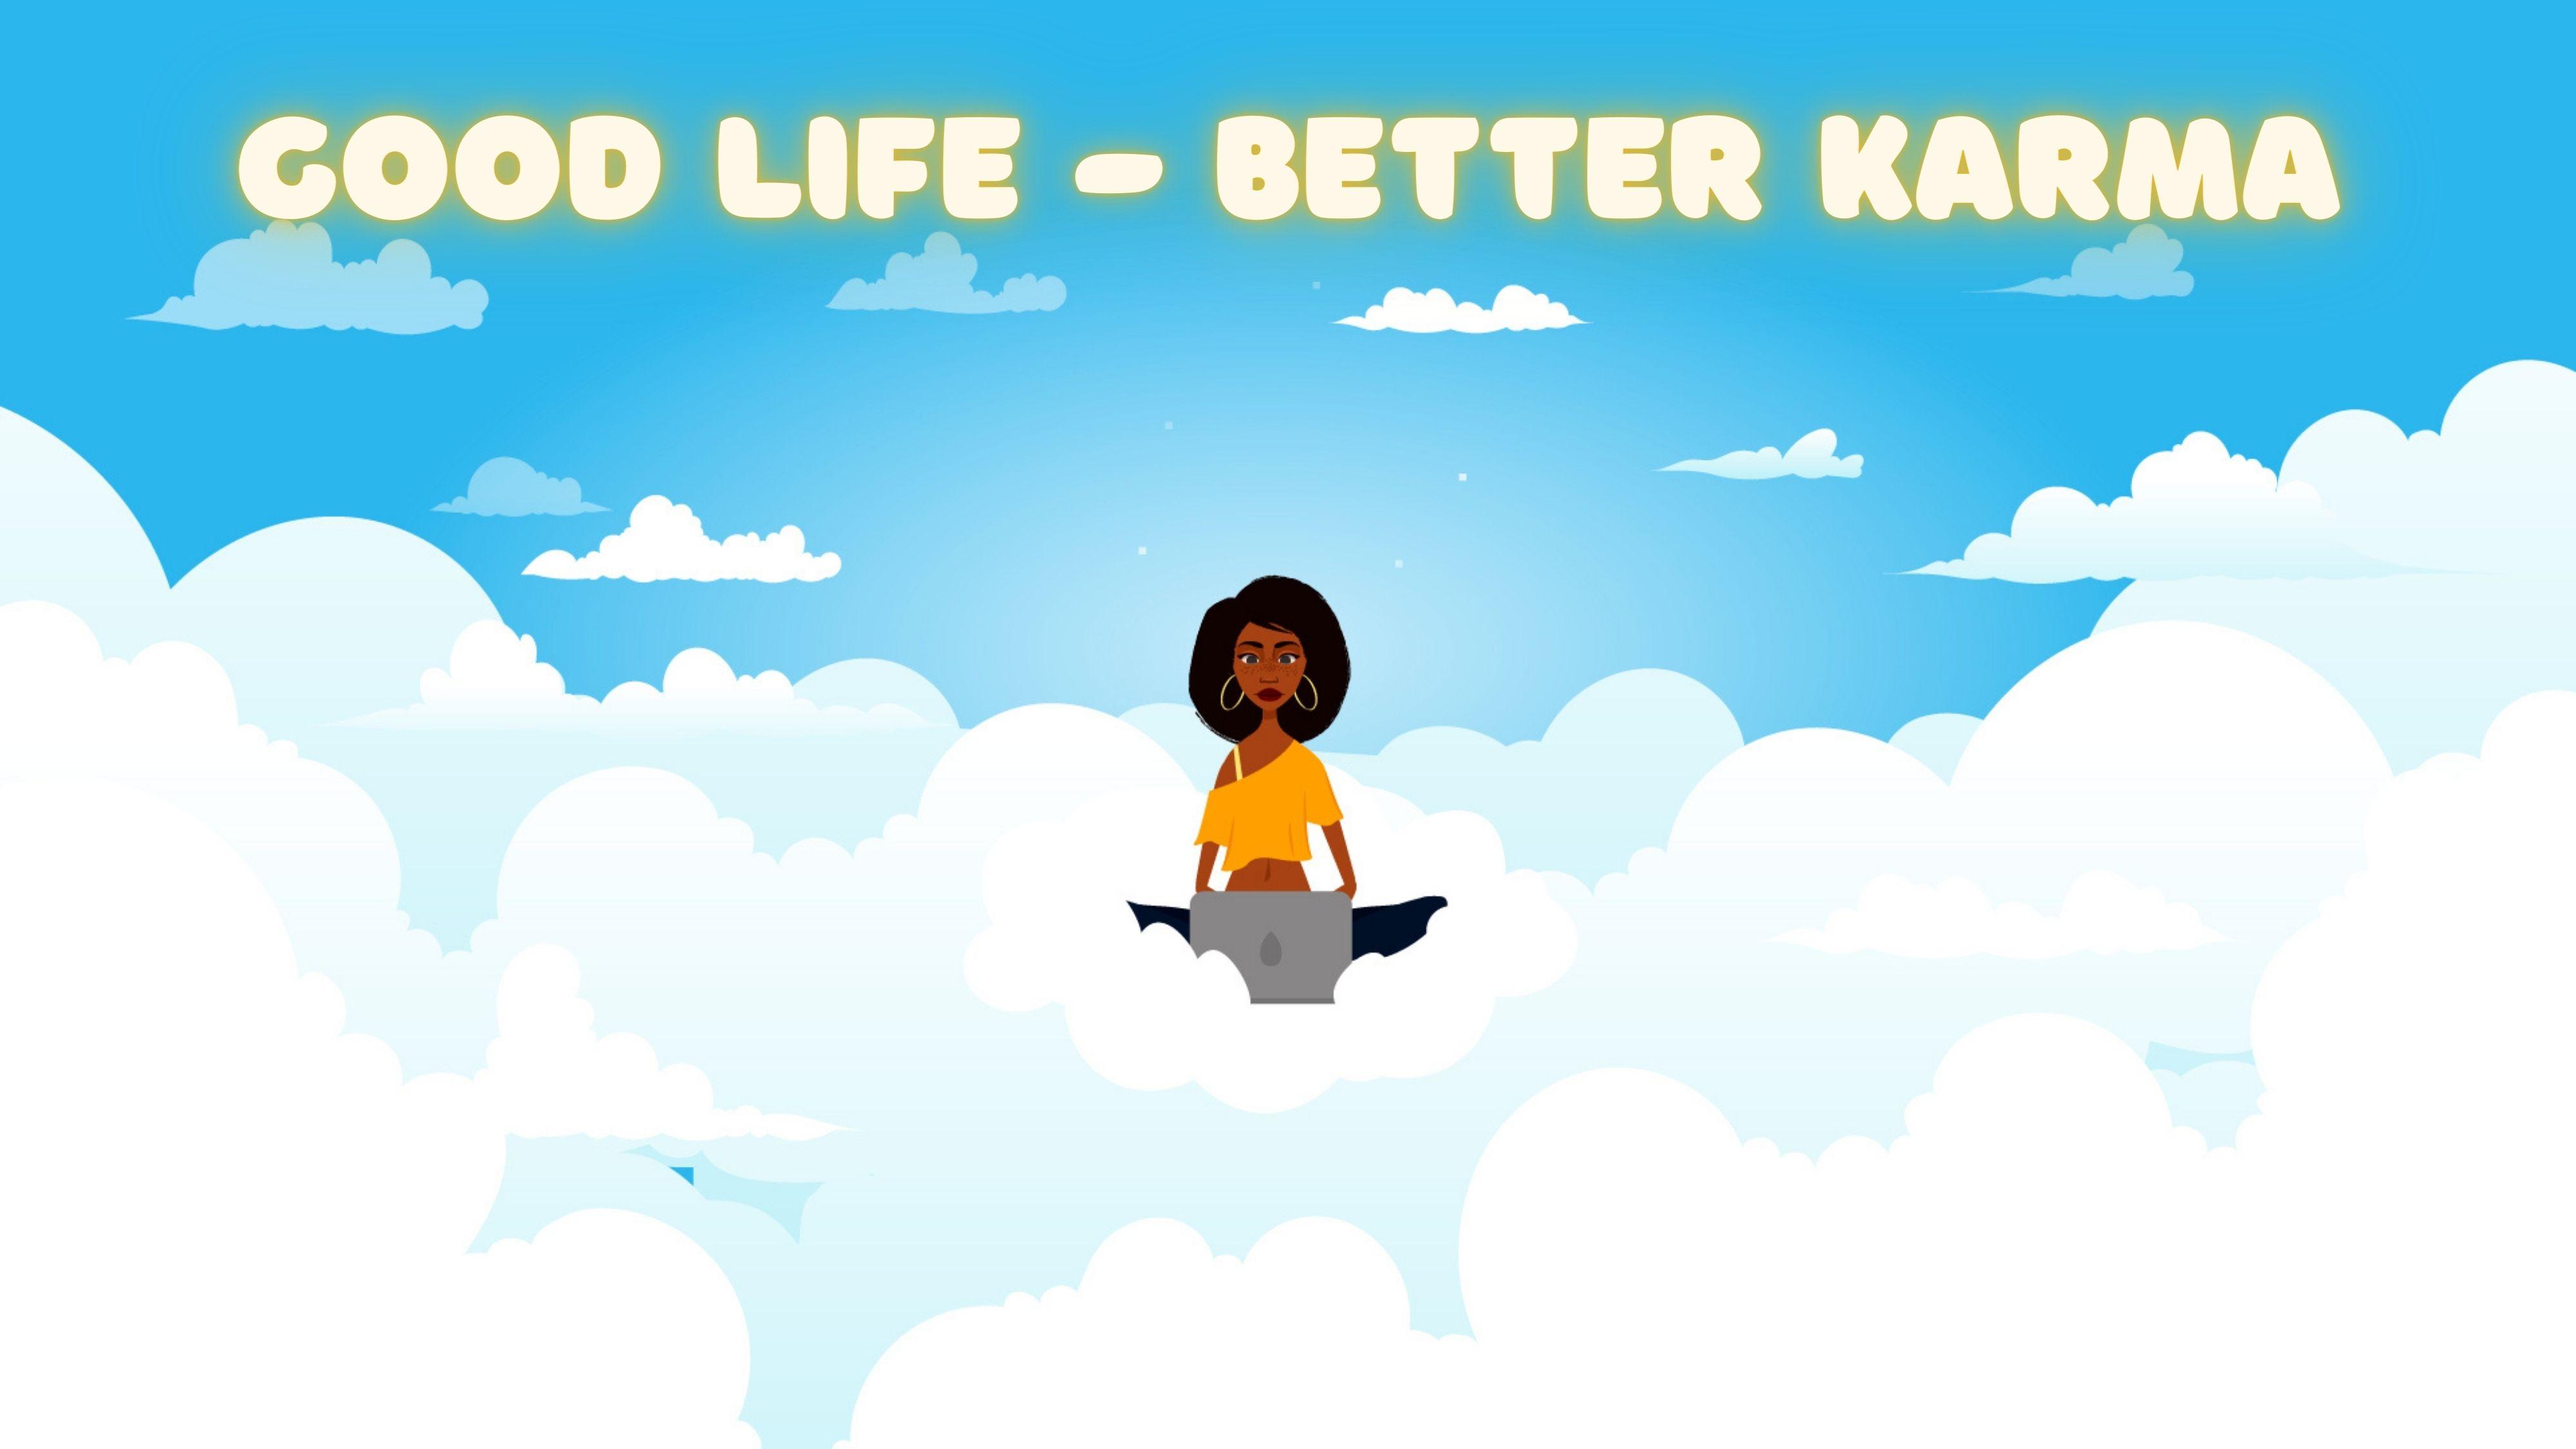 Good Life - Better Karma - Animated Video